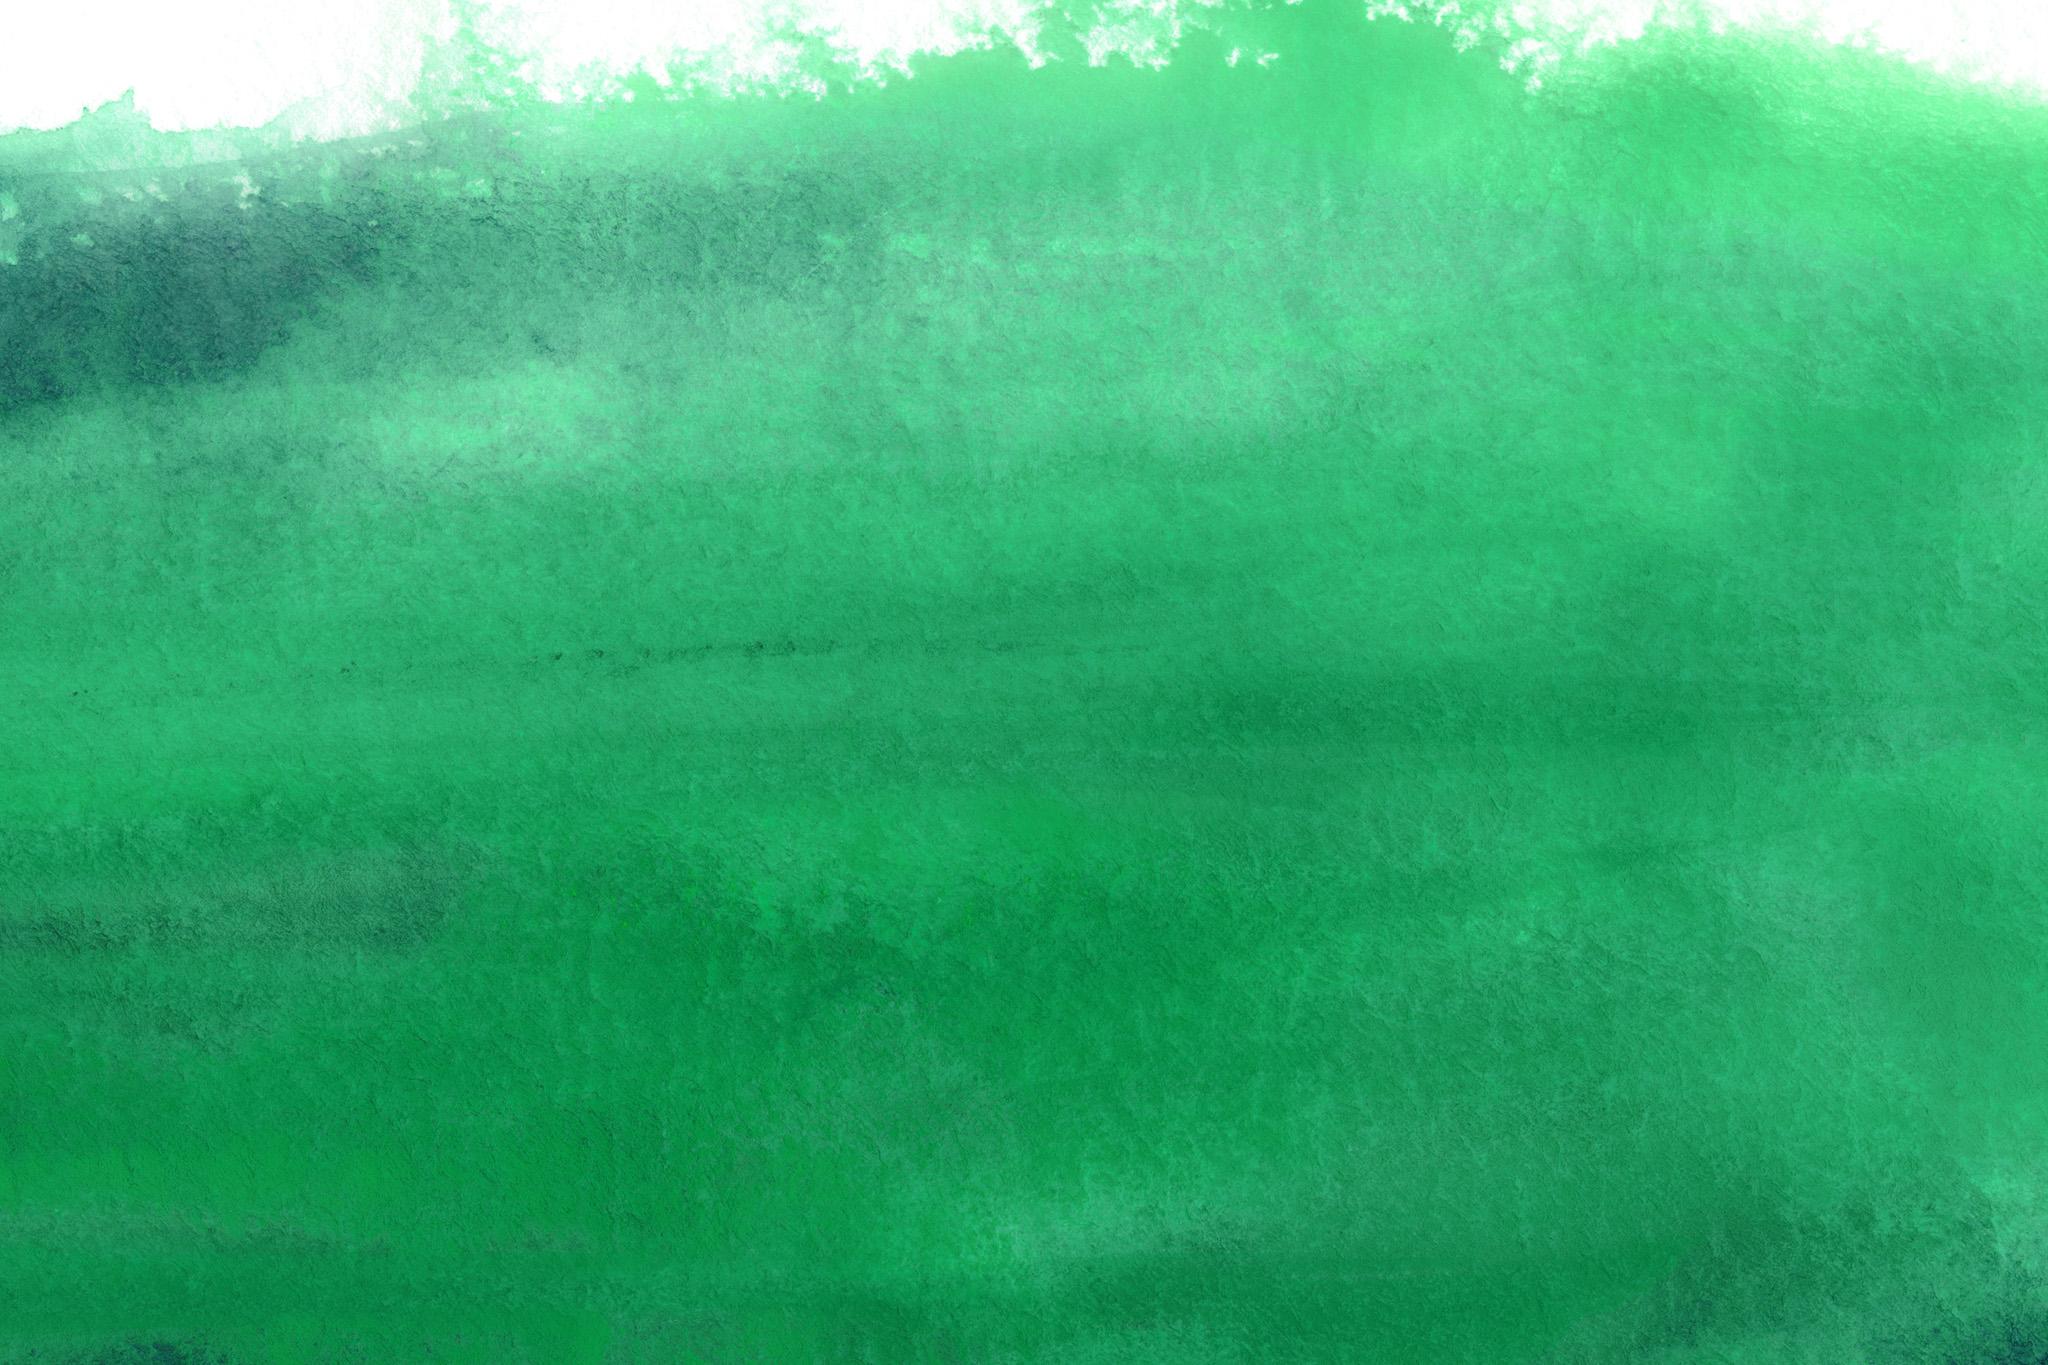 「エバーグリーンの水彩筆塗り」